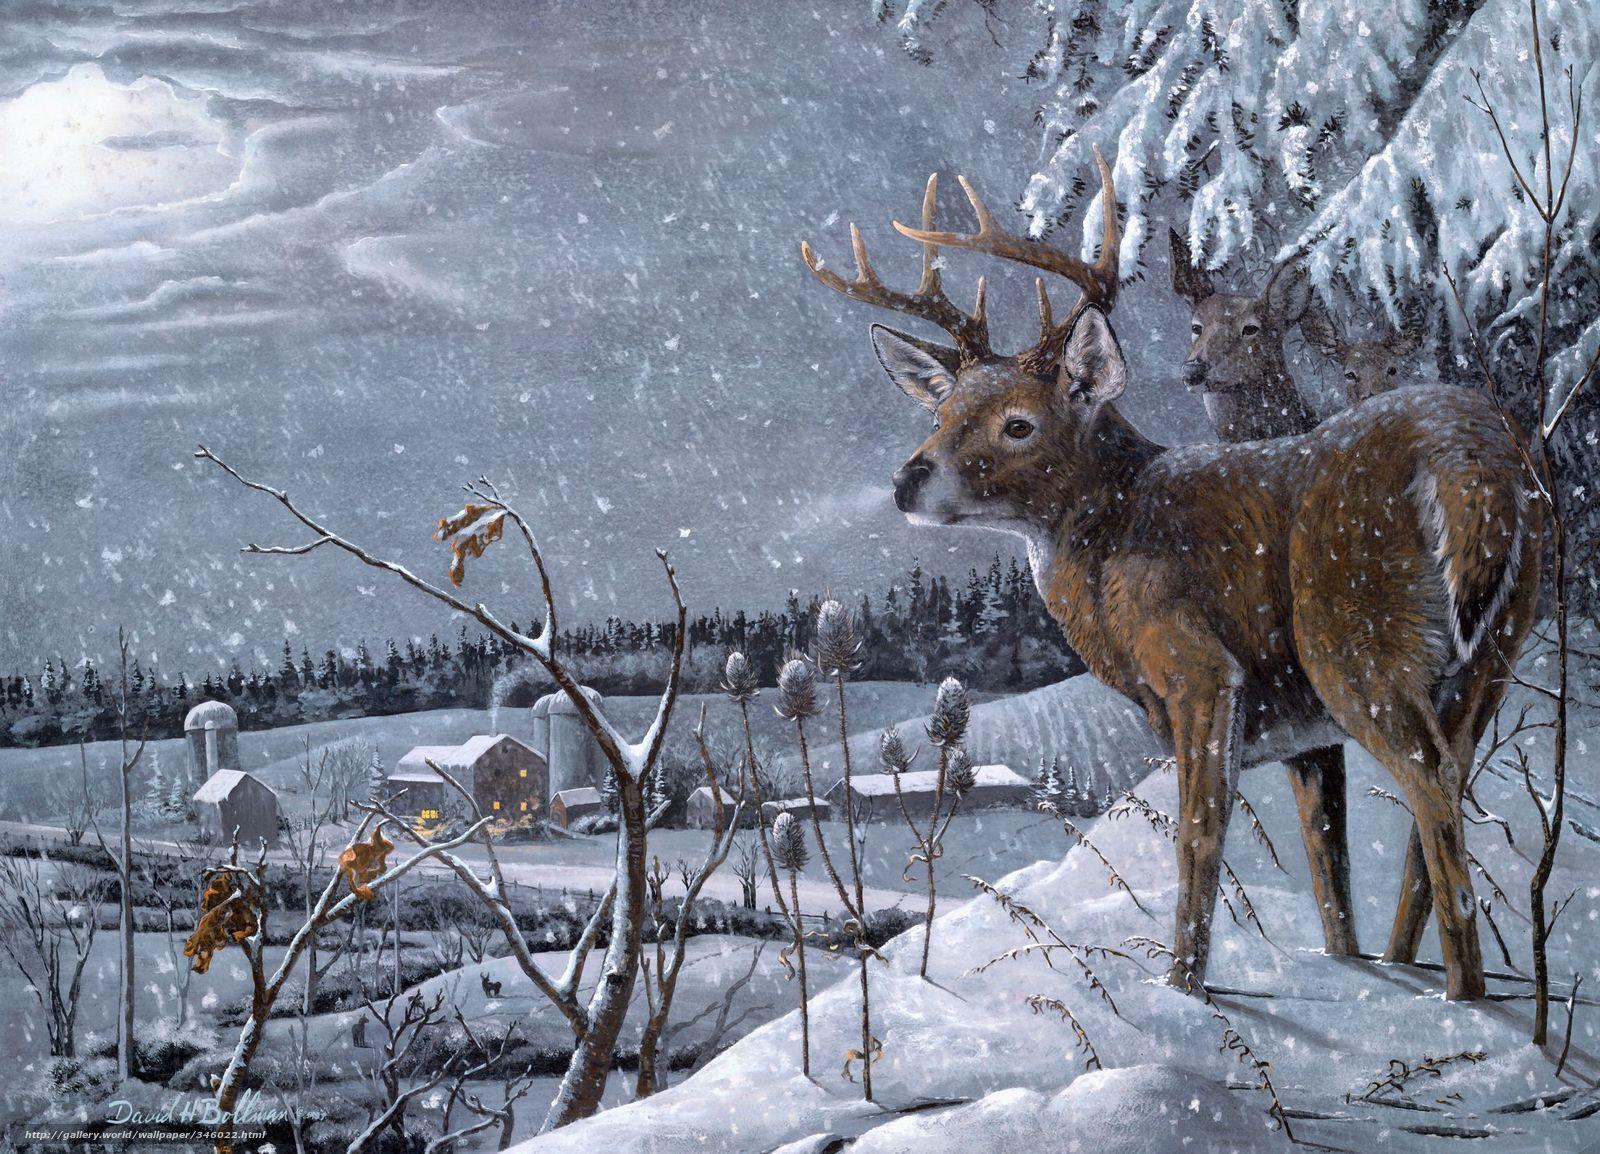 wallpaper david h bollman Deer Winter snow desktop wallpaper 1600x1154